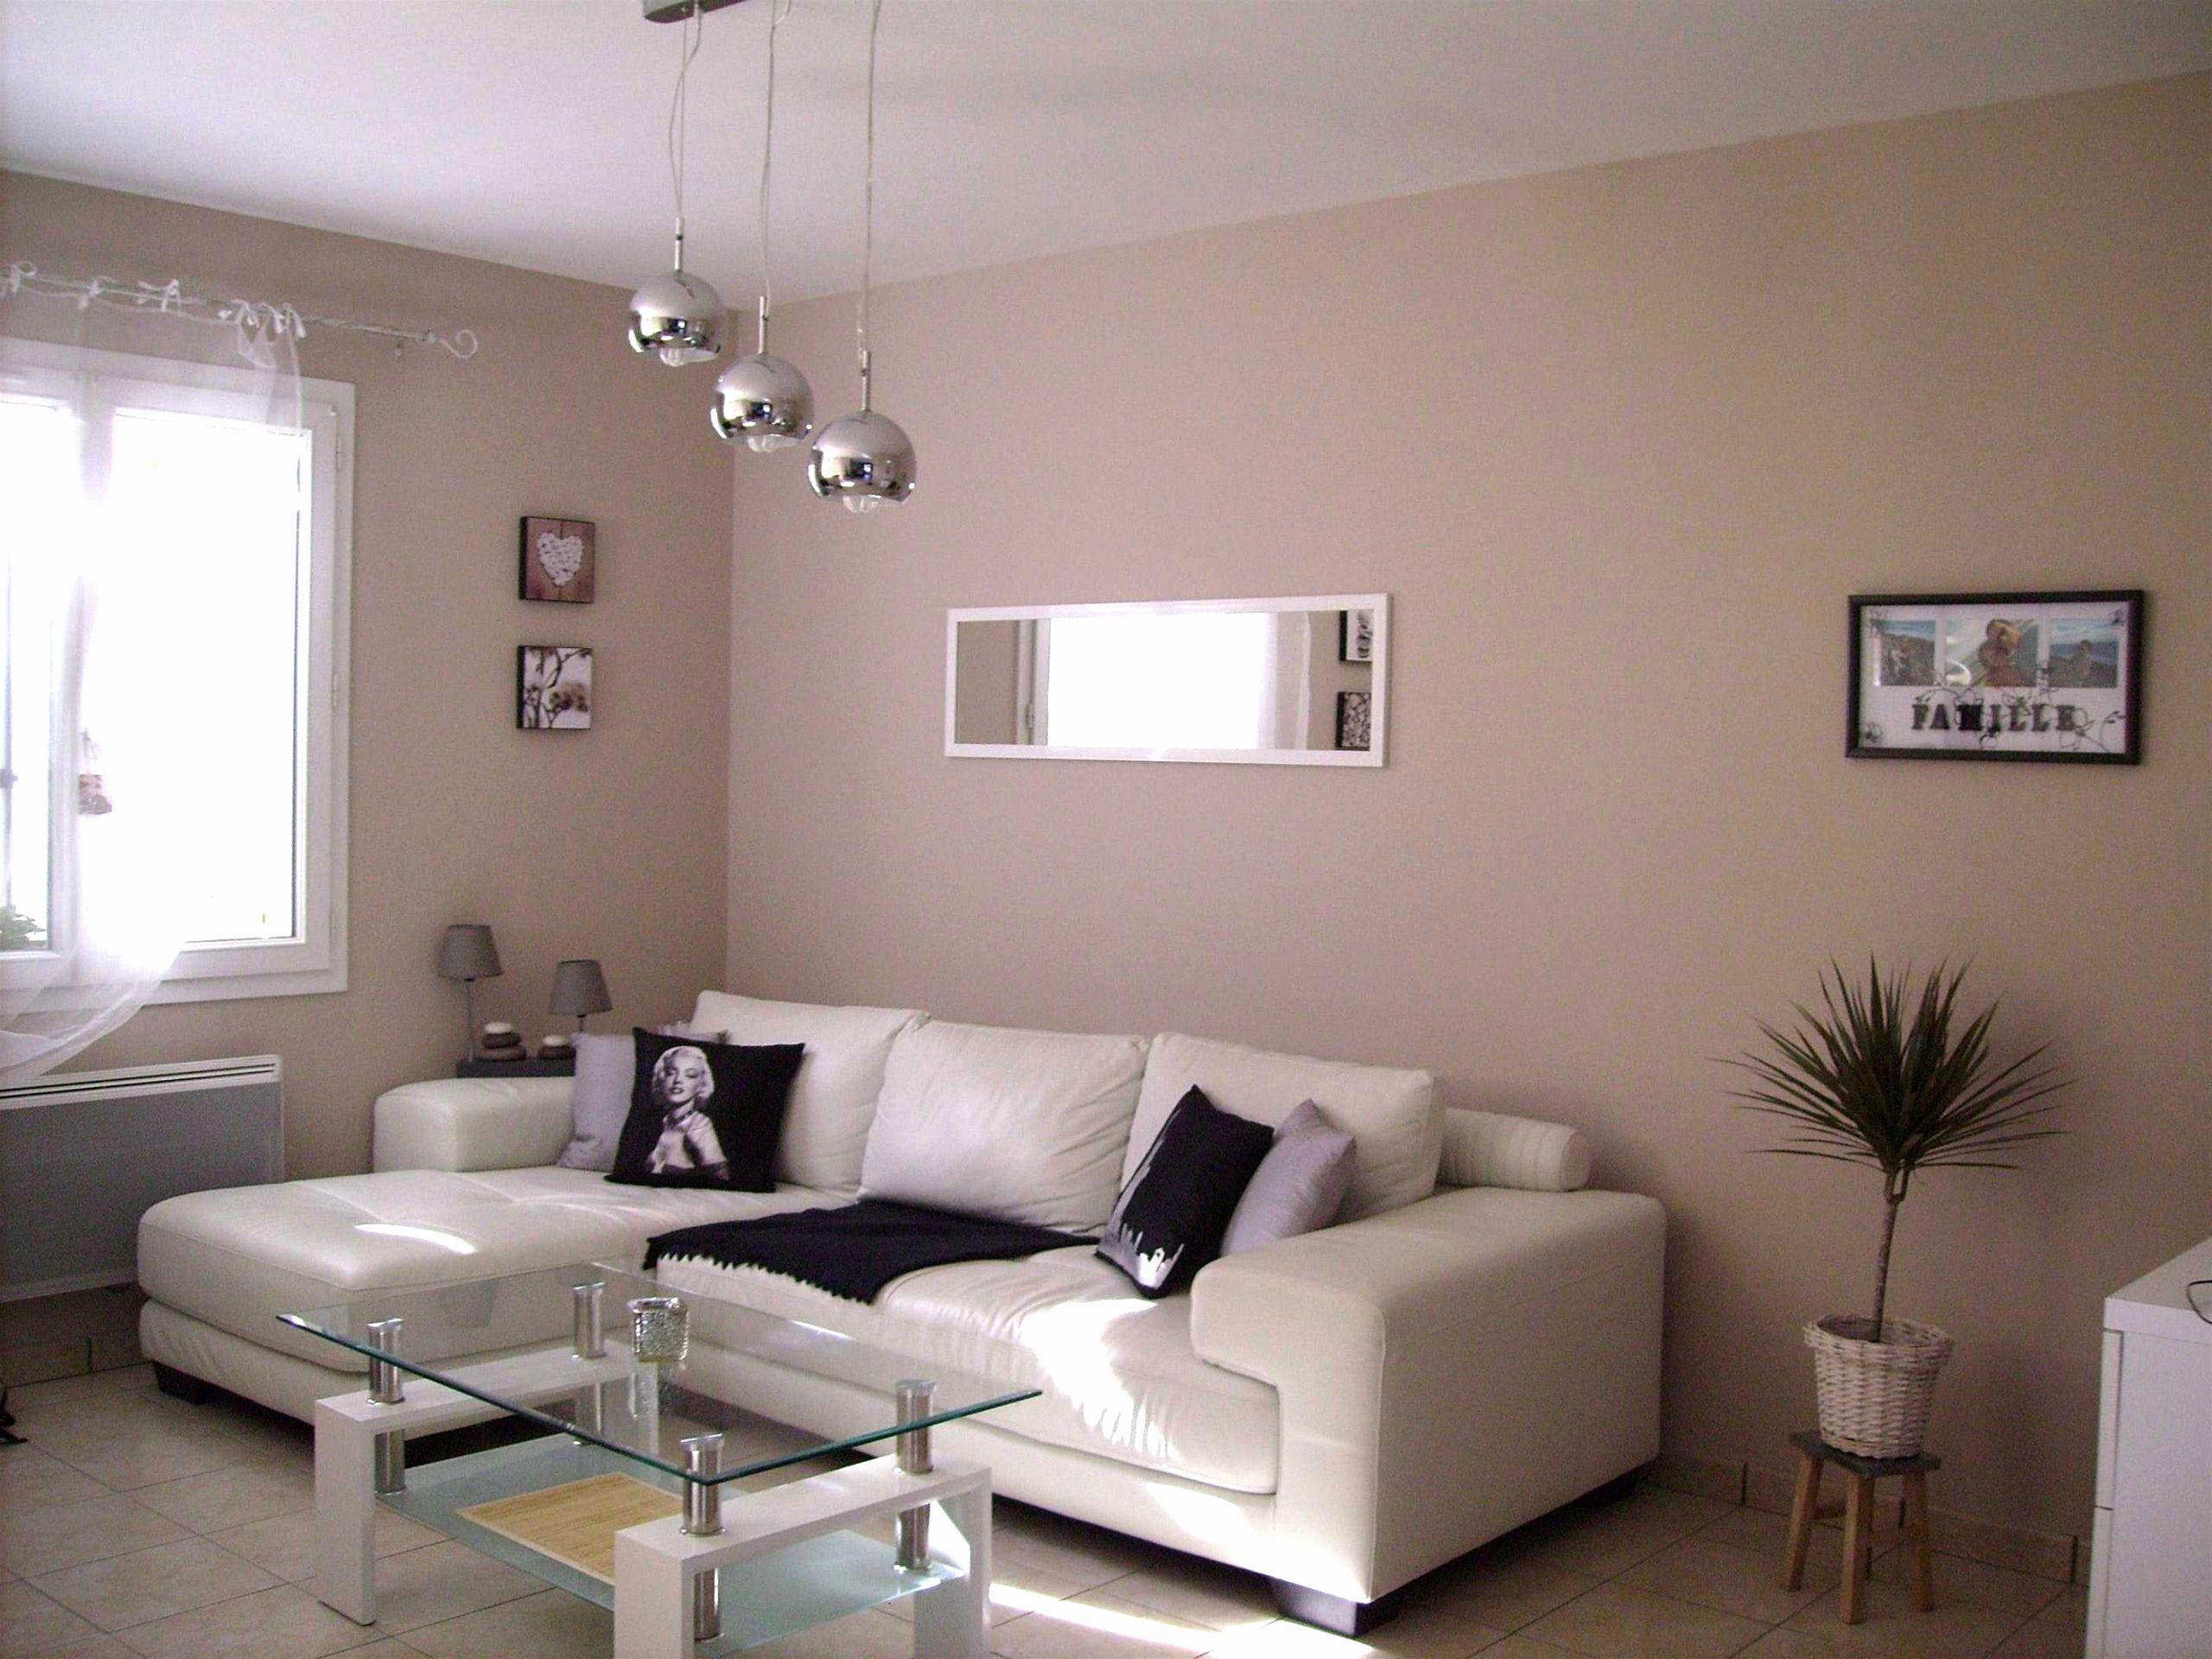 meuble de rangement salon nouveau meuble salon gris meuble de rangement salon gris genial s i of meuble de rangement salon